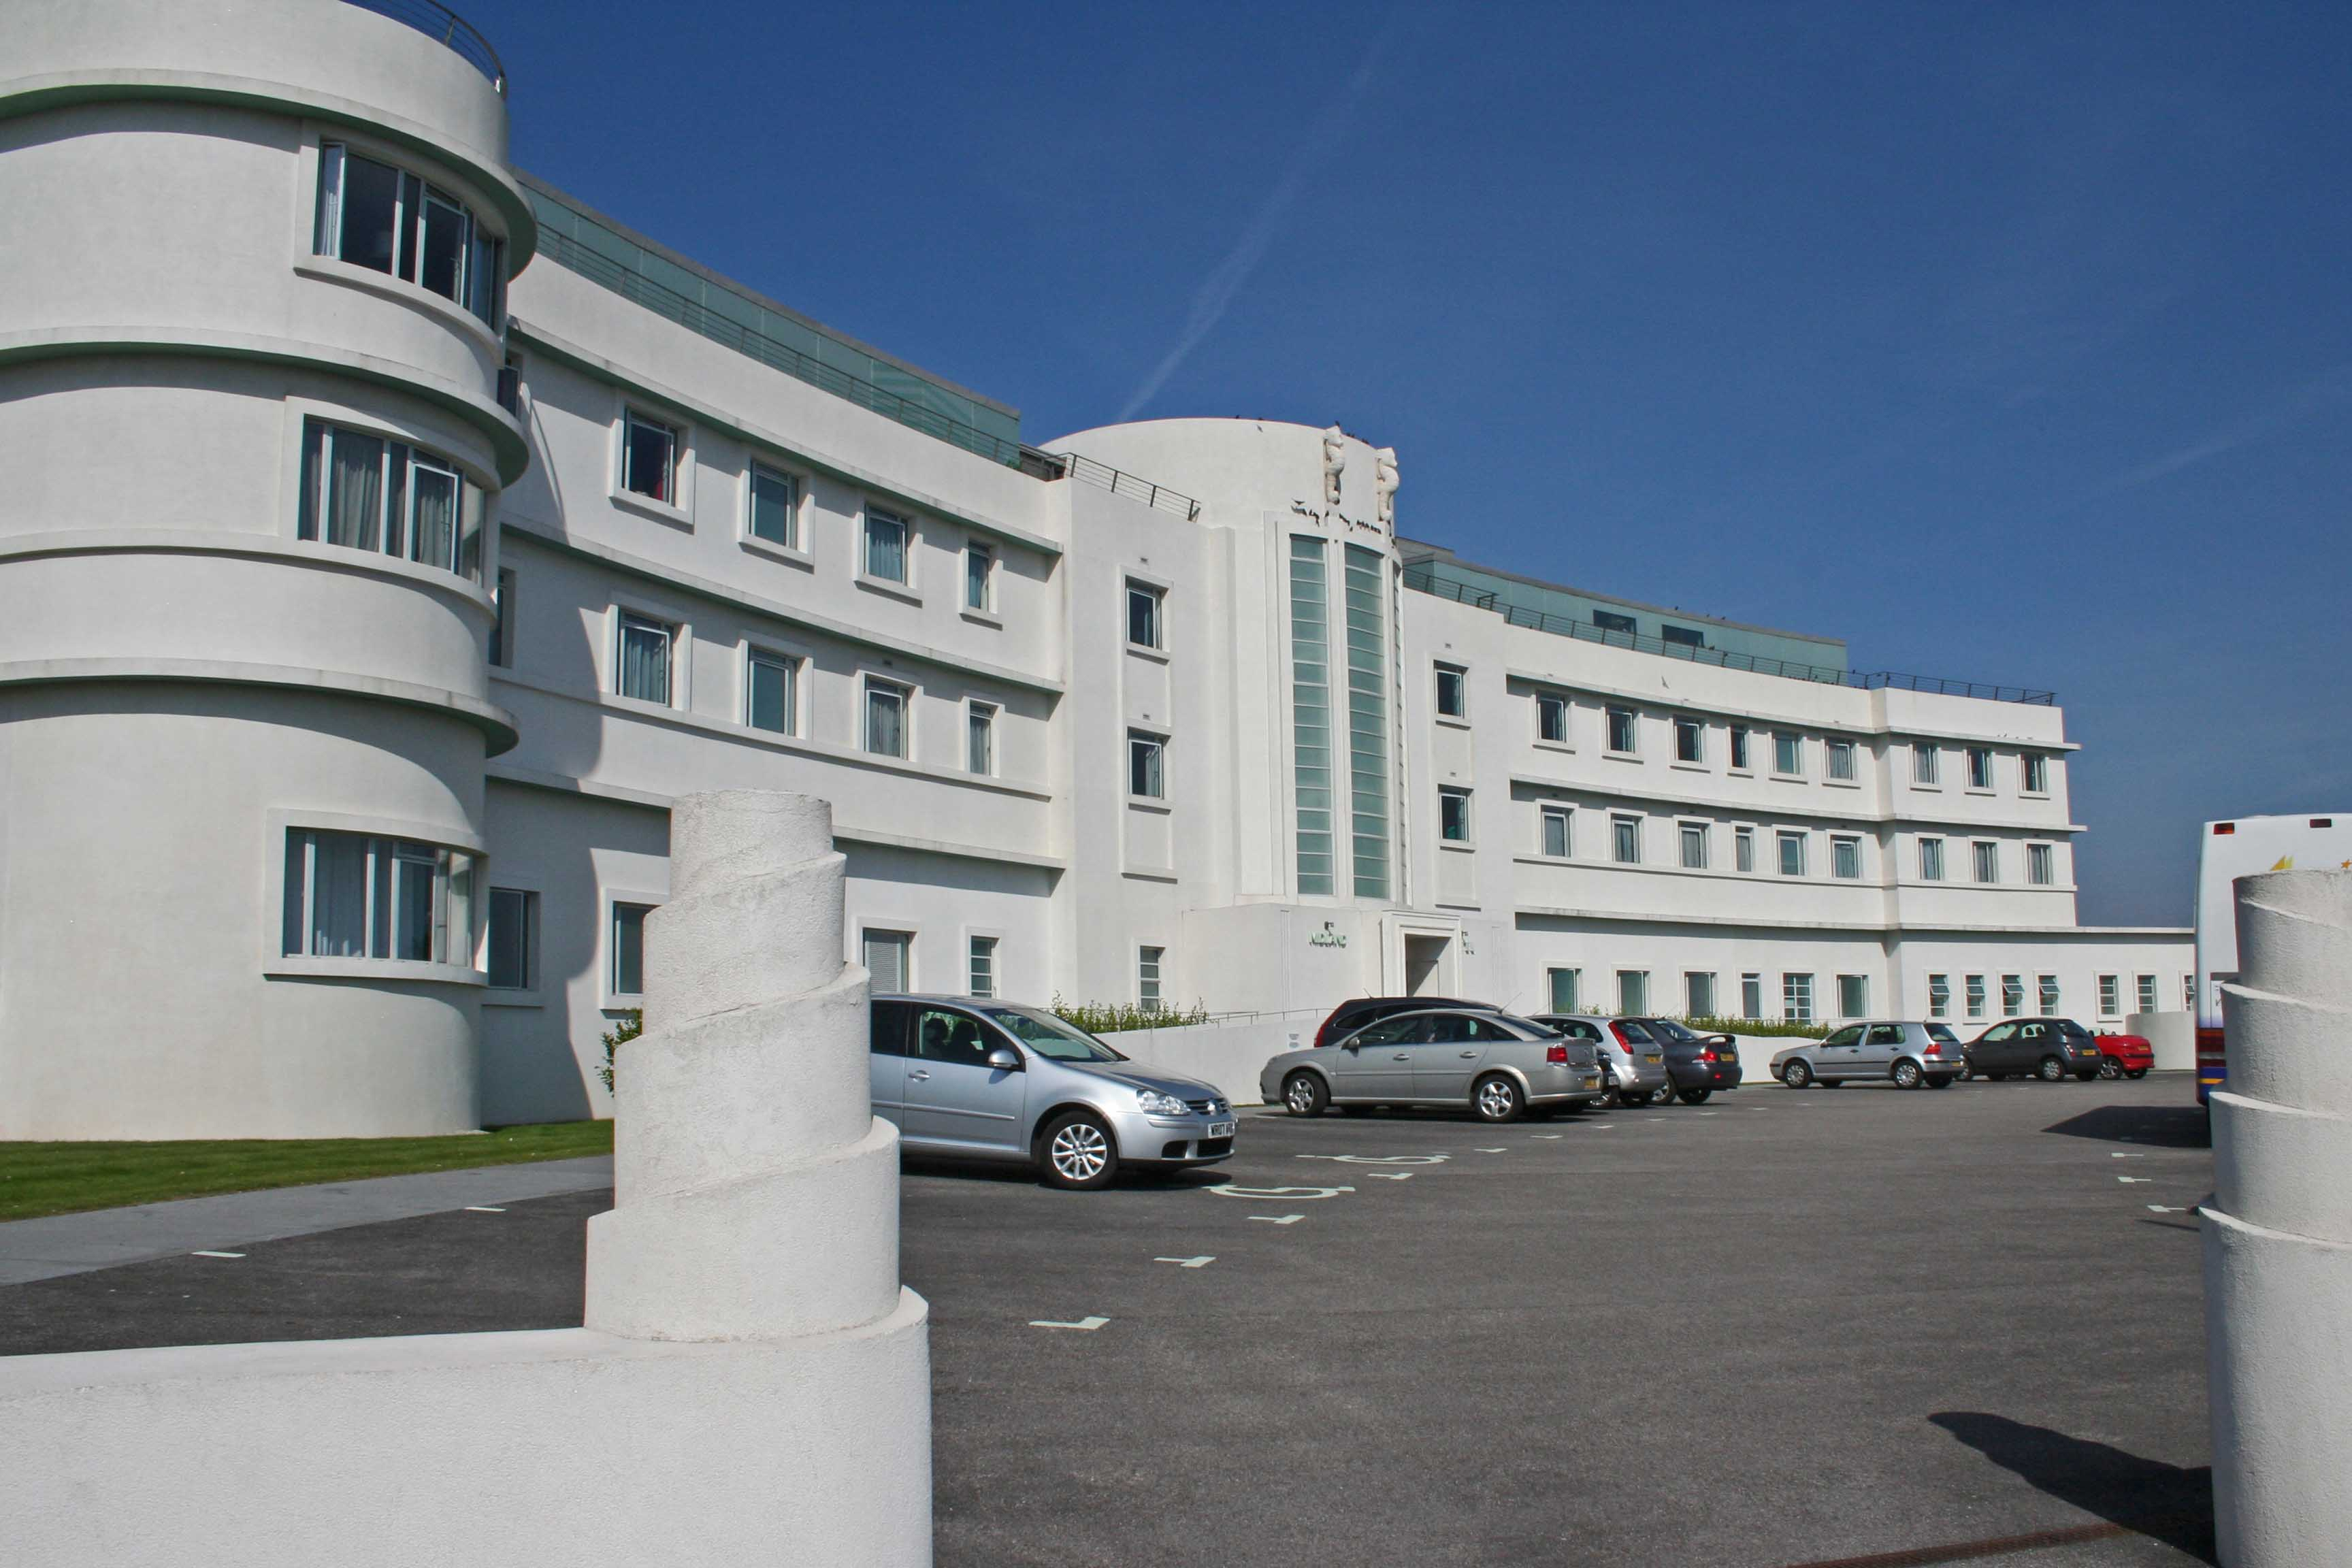 file midland hotel morecambe lancashire england